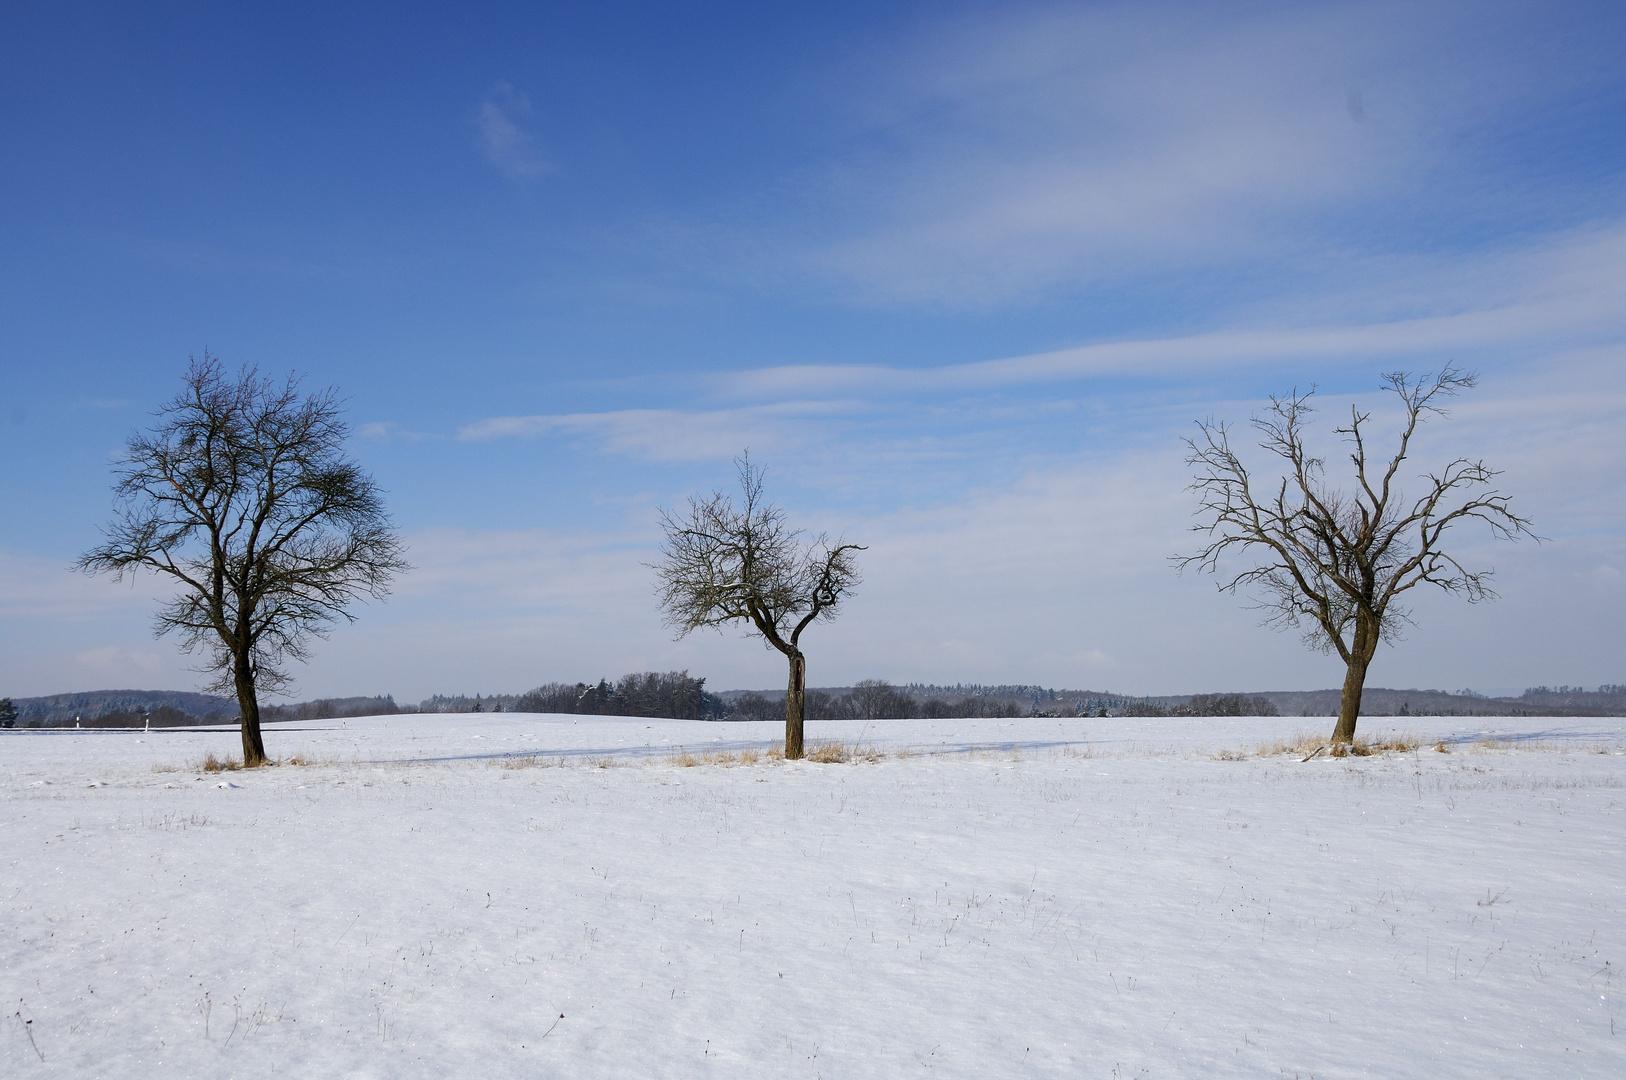 Baum-Trio im Winter